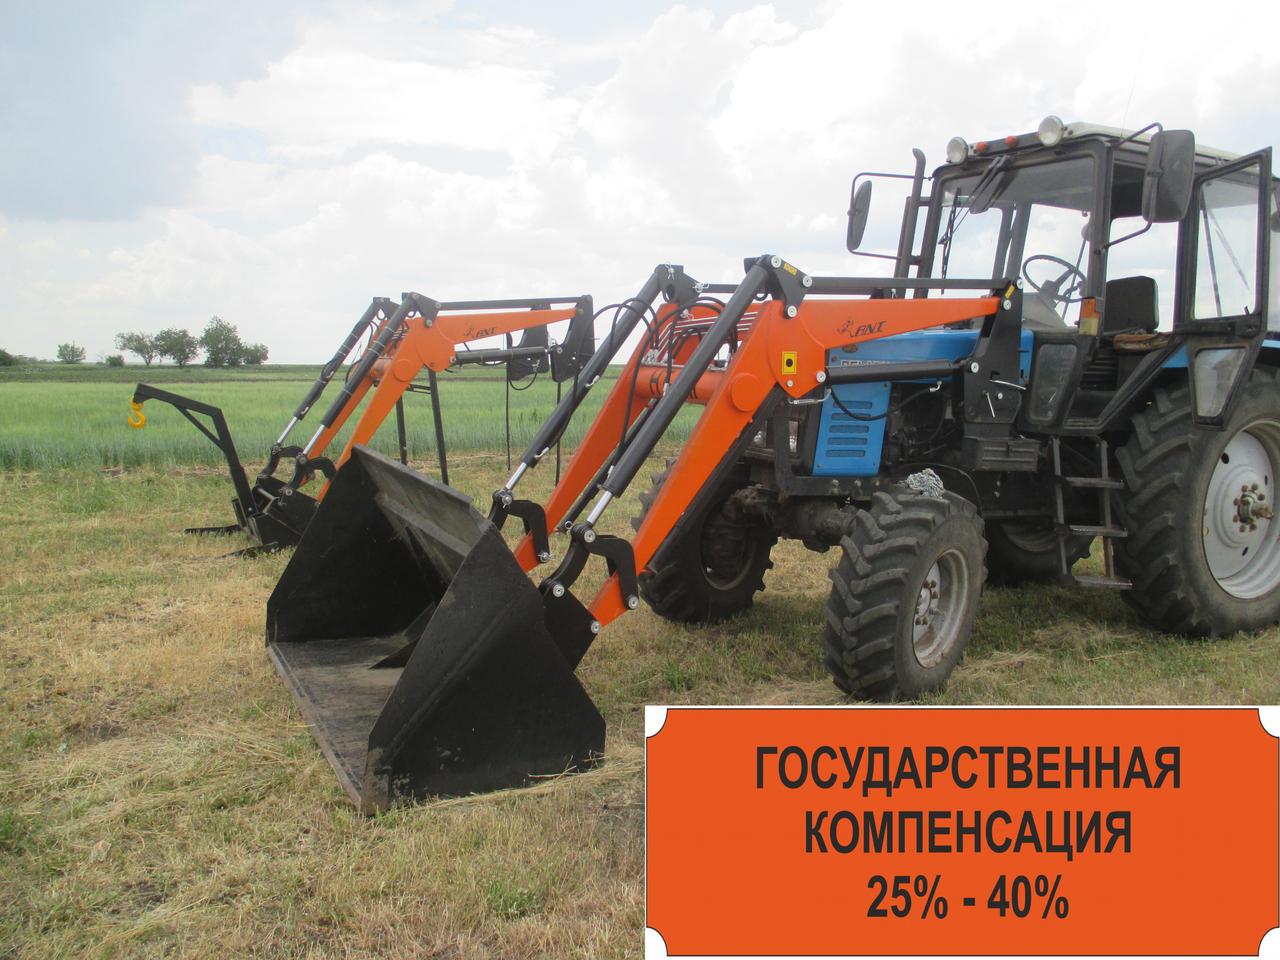 Погрузчик Фронтальный Быстросъёмный НТ-1200 КУН на ЮМЗ с НДС